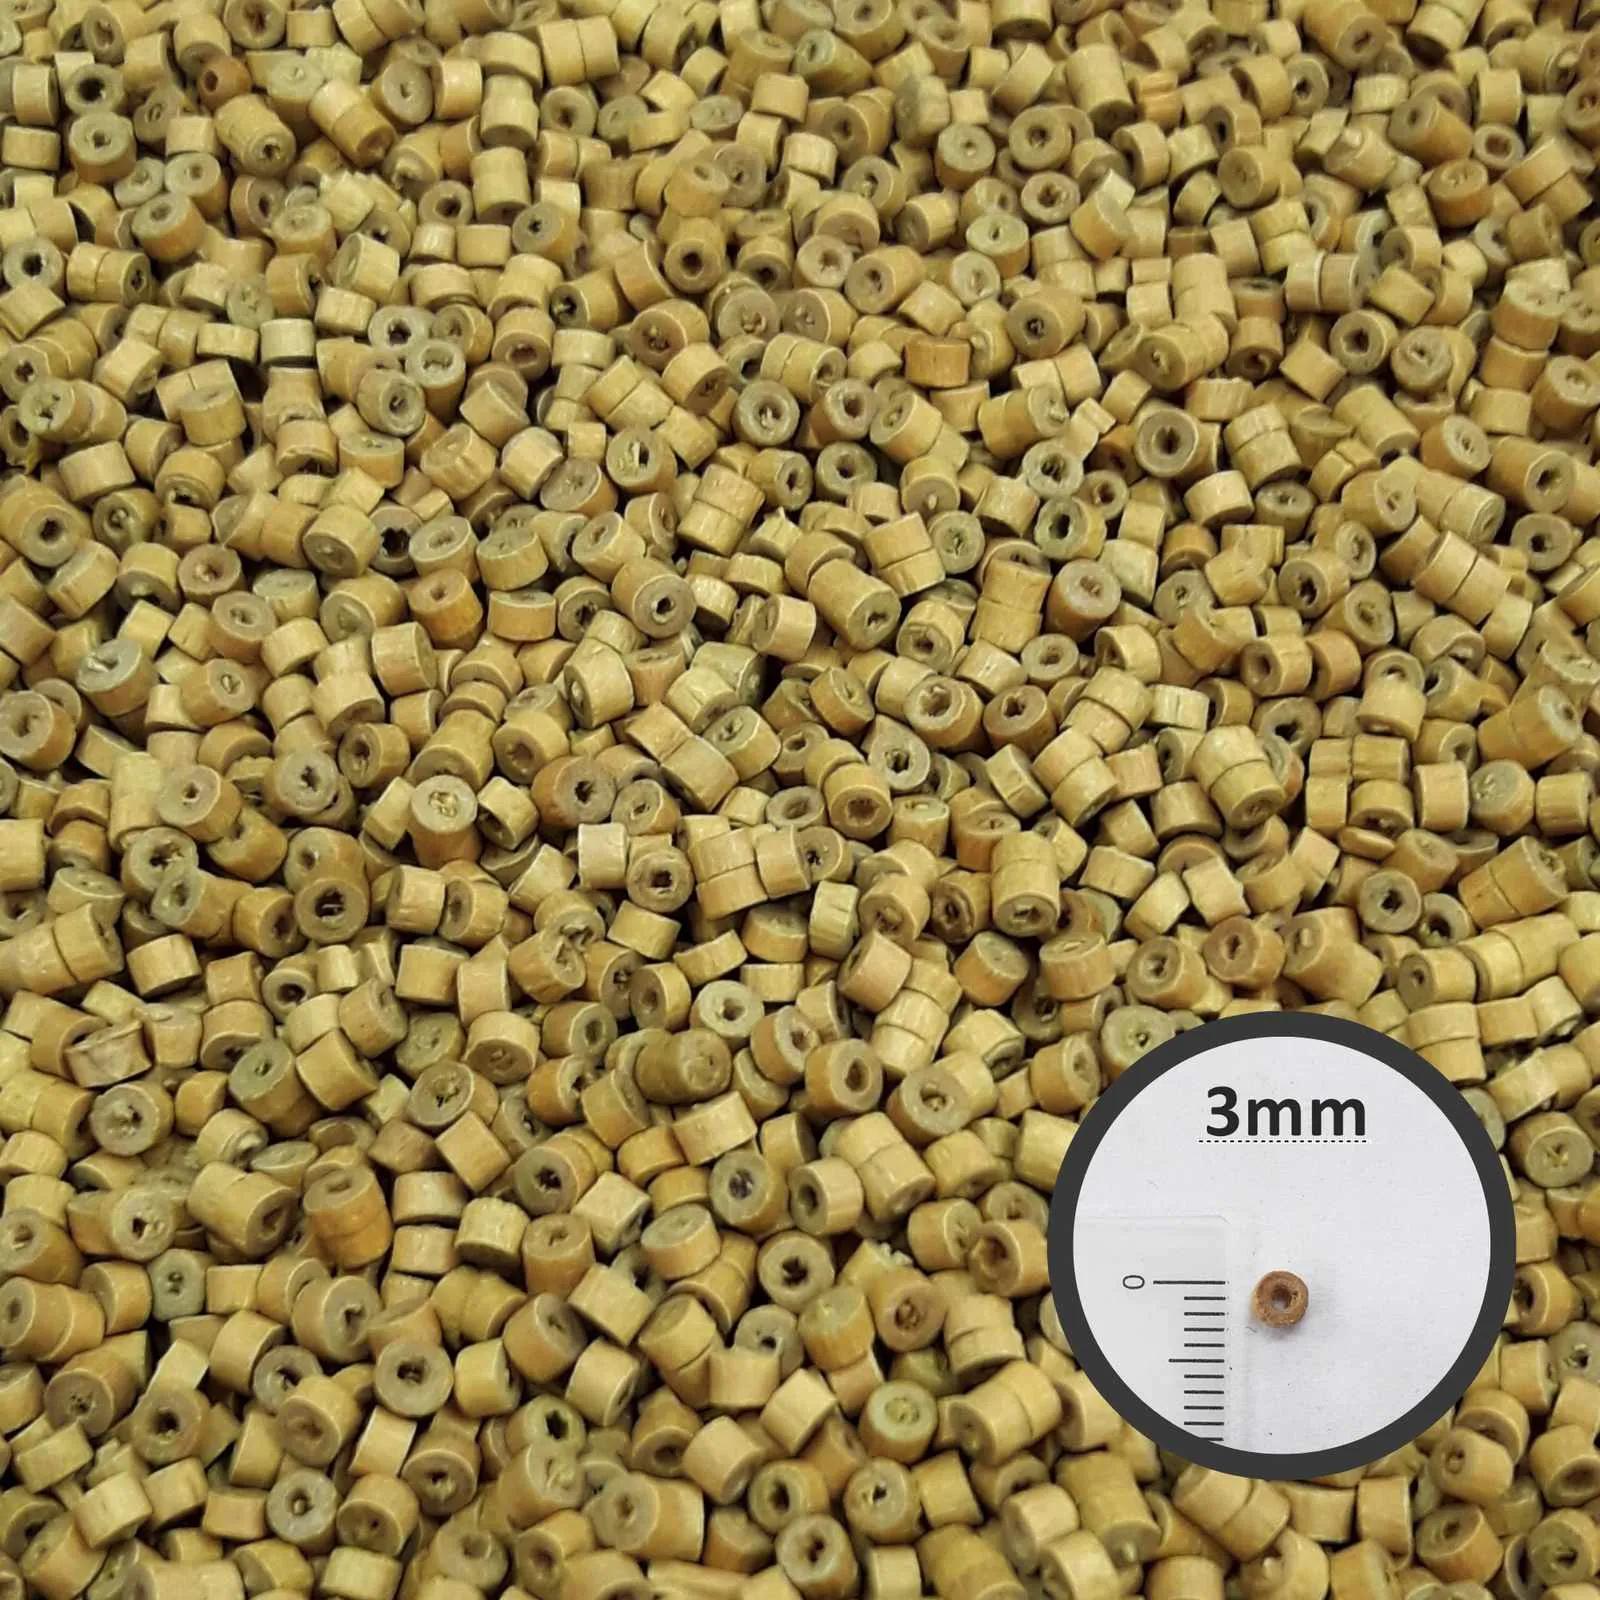 Conta de Madeira 03x2mm AS2843 10000 unidades